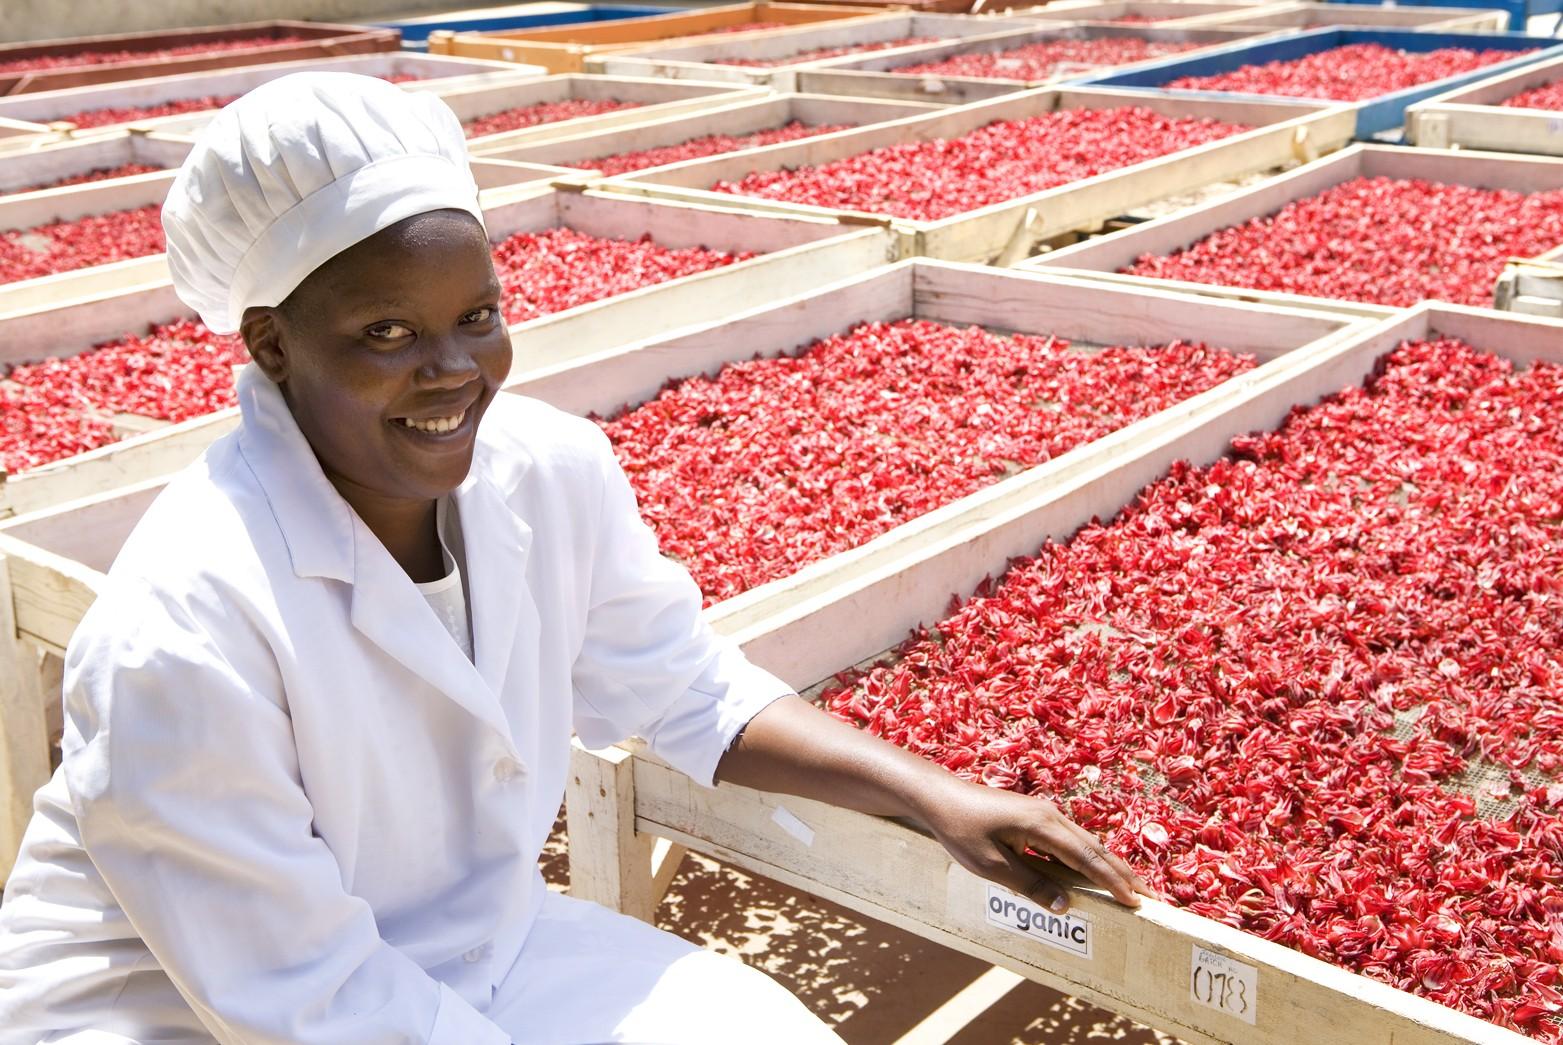 The 2015 Export Market Development Programme – Export Promotion Council